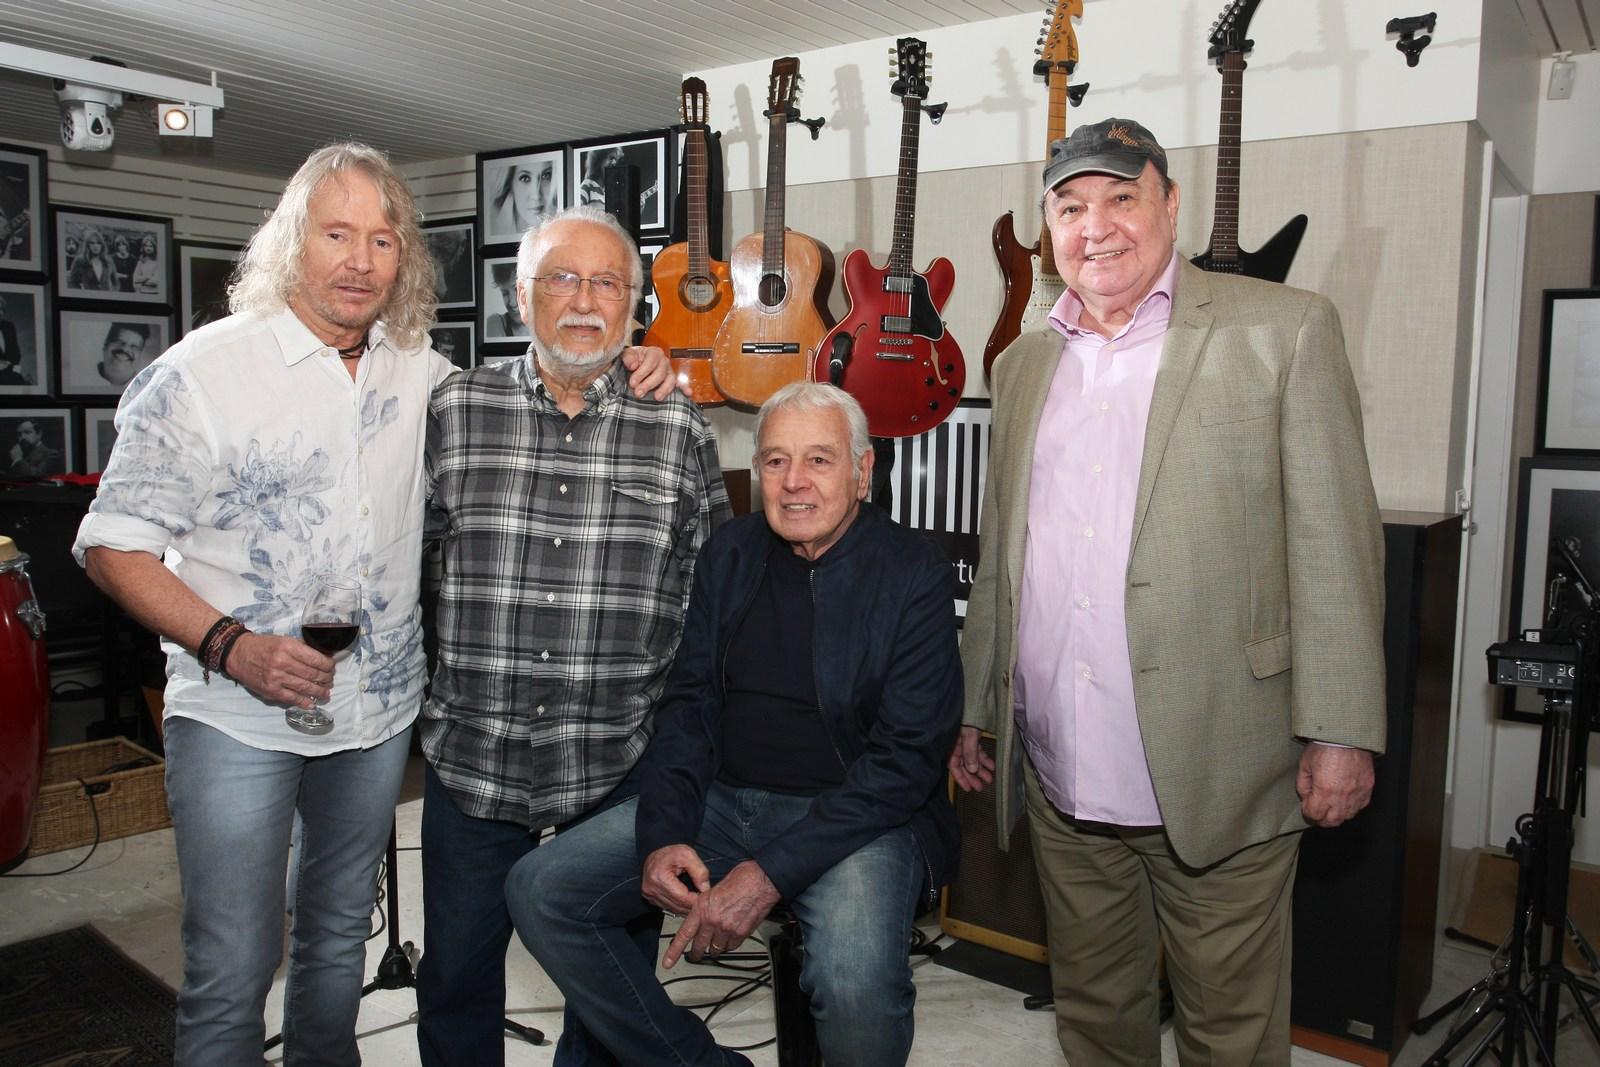 """Festa marca lançamento do CD """"Os Bossa Nova"""" e os 75 anos de Marcos Valle"""